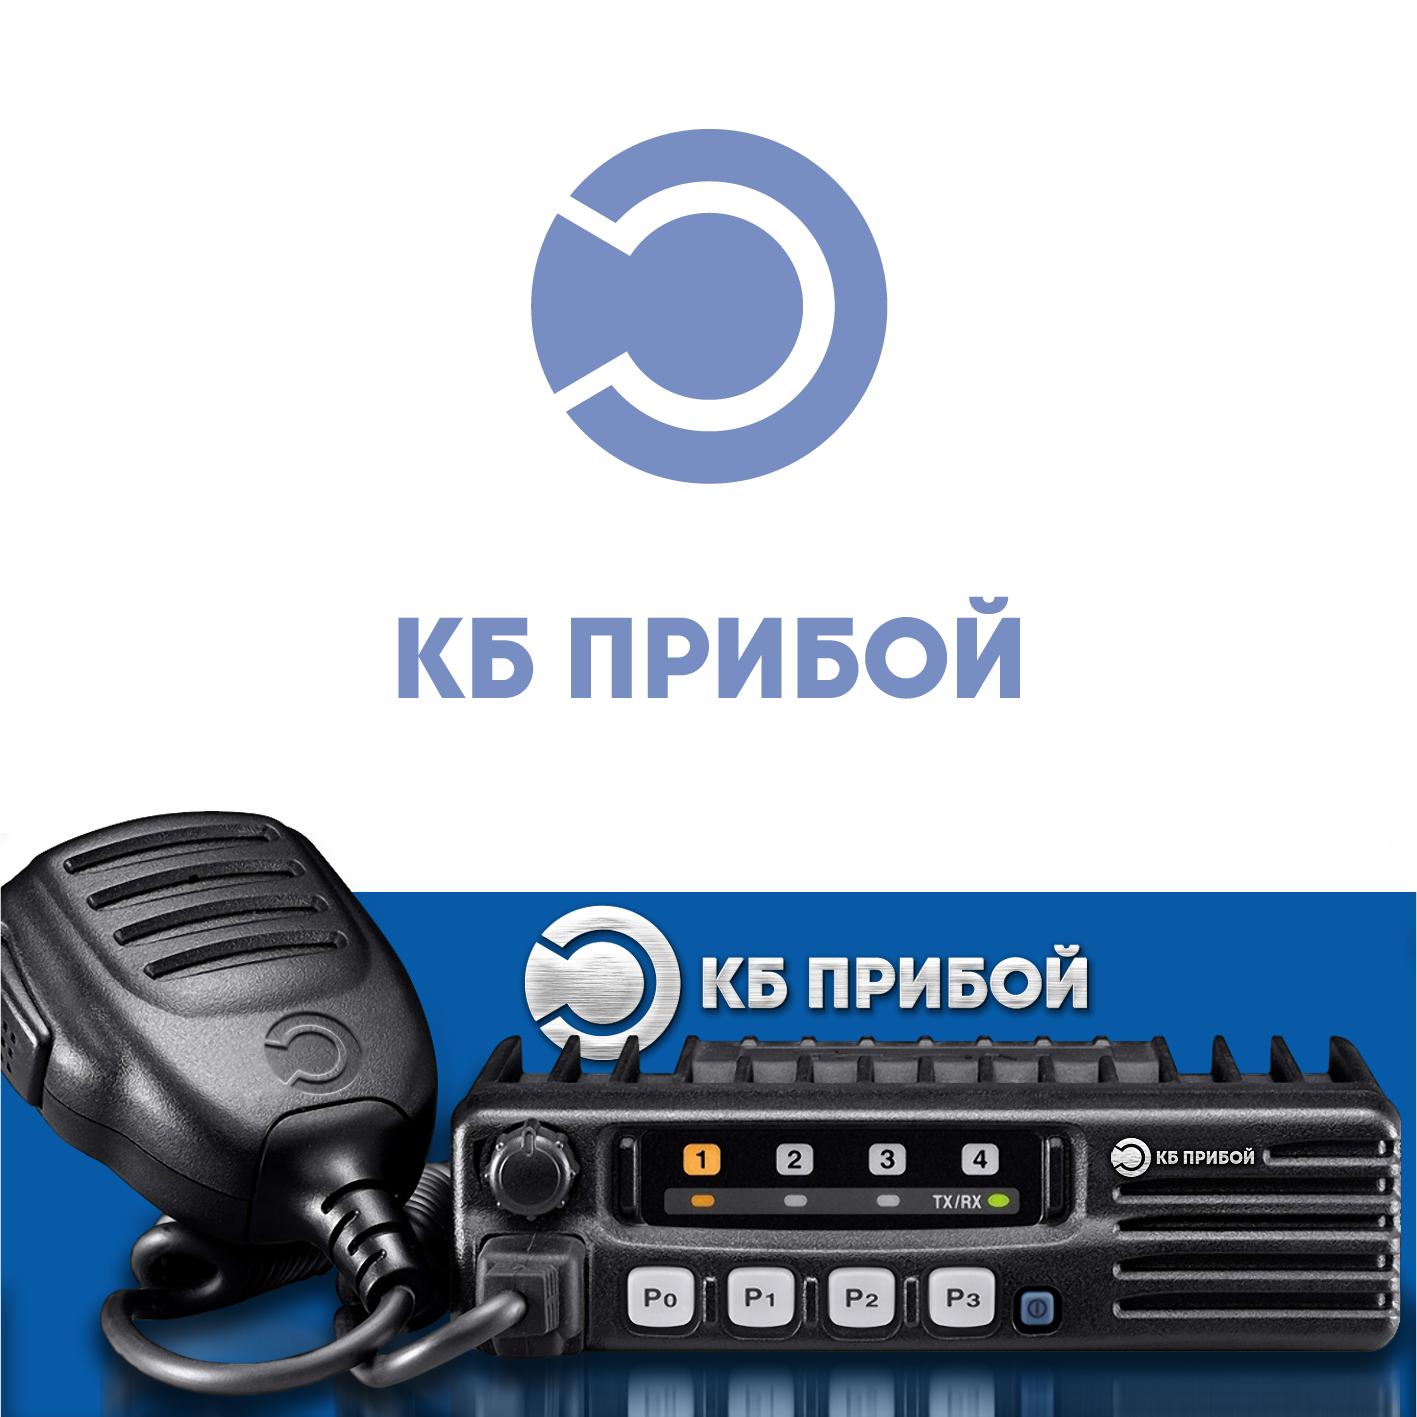 Разработка логотипа и фирменного стиля для КБ Прибой фото f_1285b250b6ceaa39.png